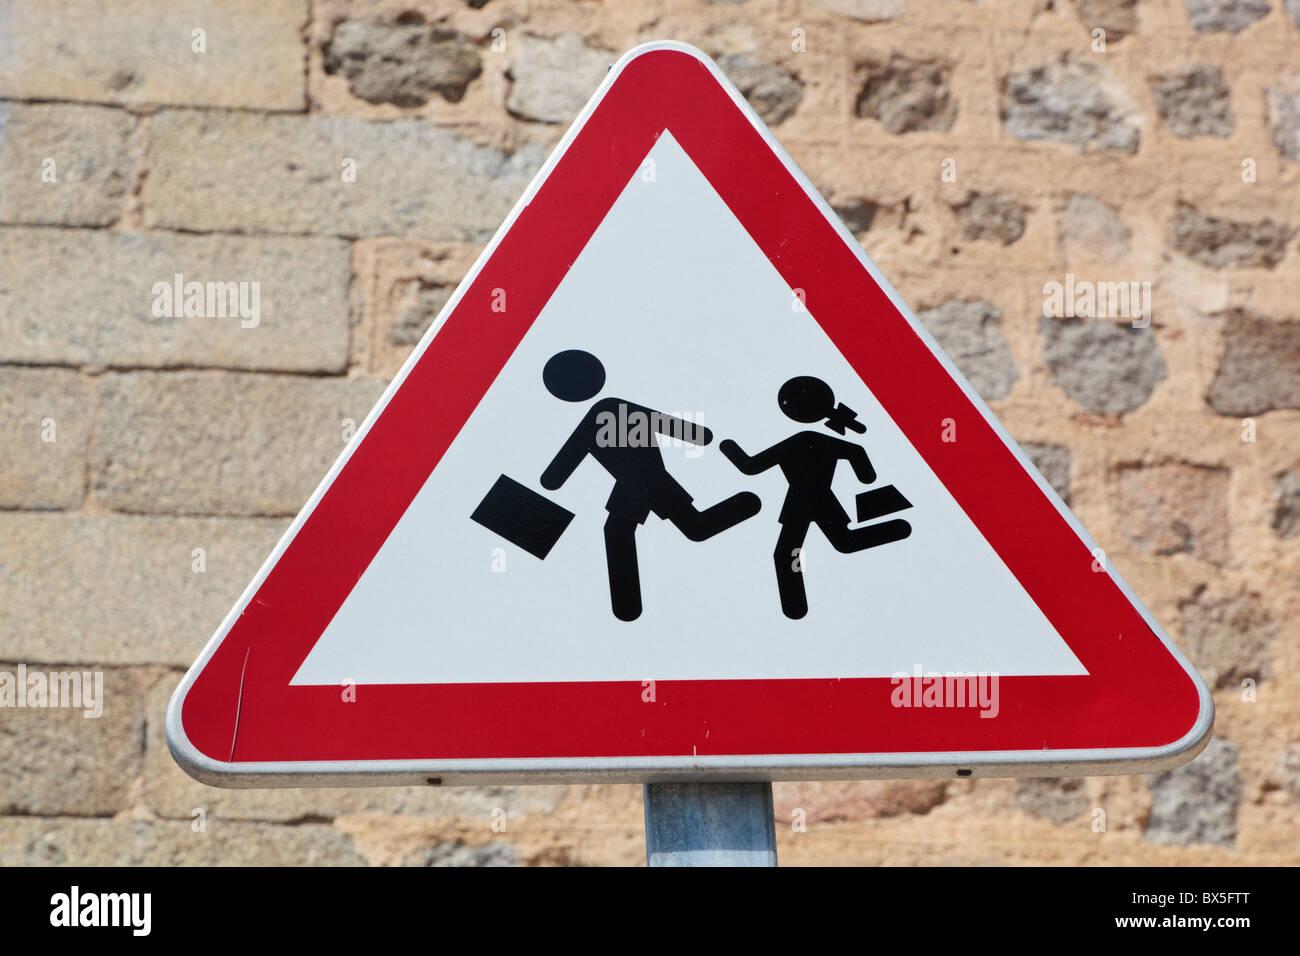 School crossing sign in Avila, Spain - Stock Image